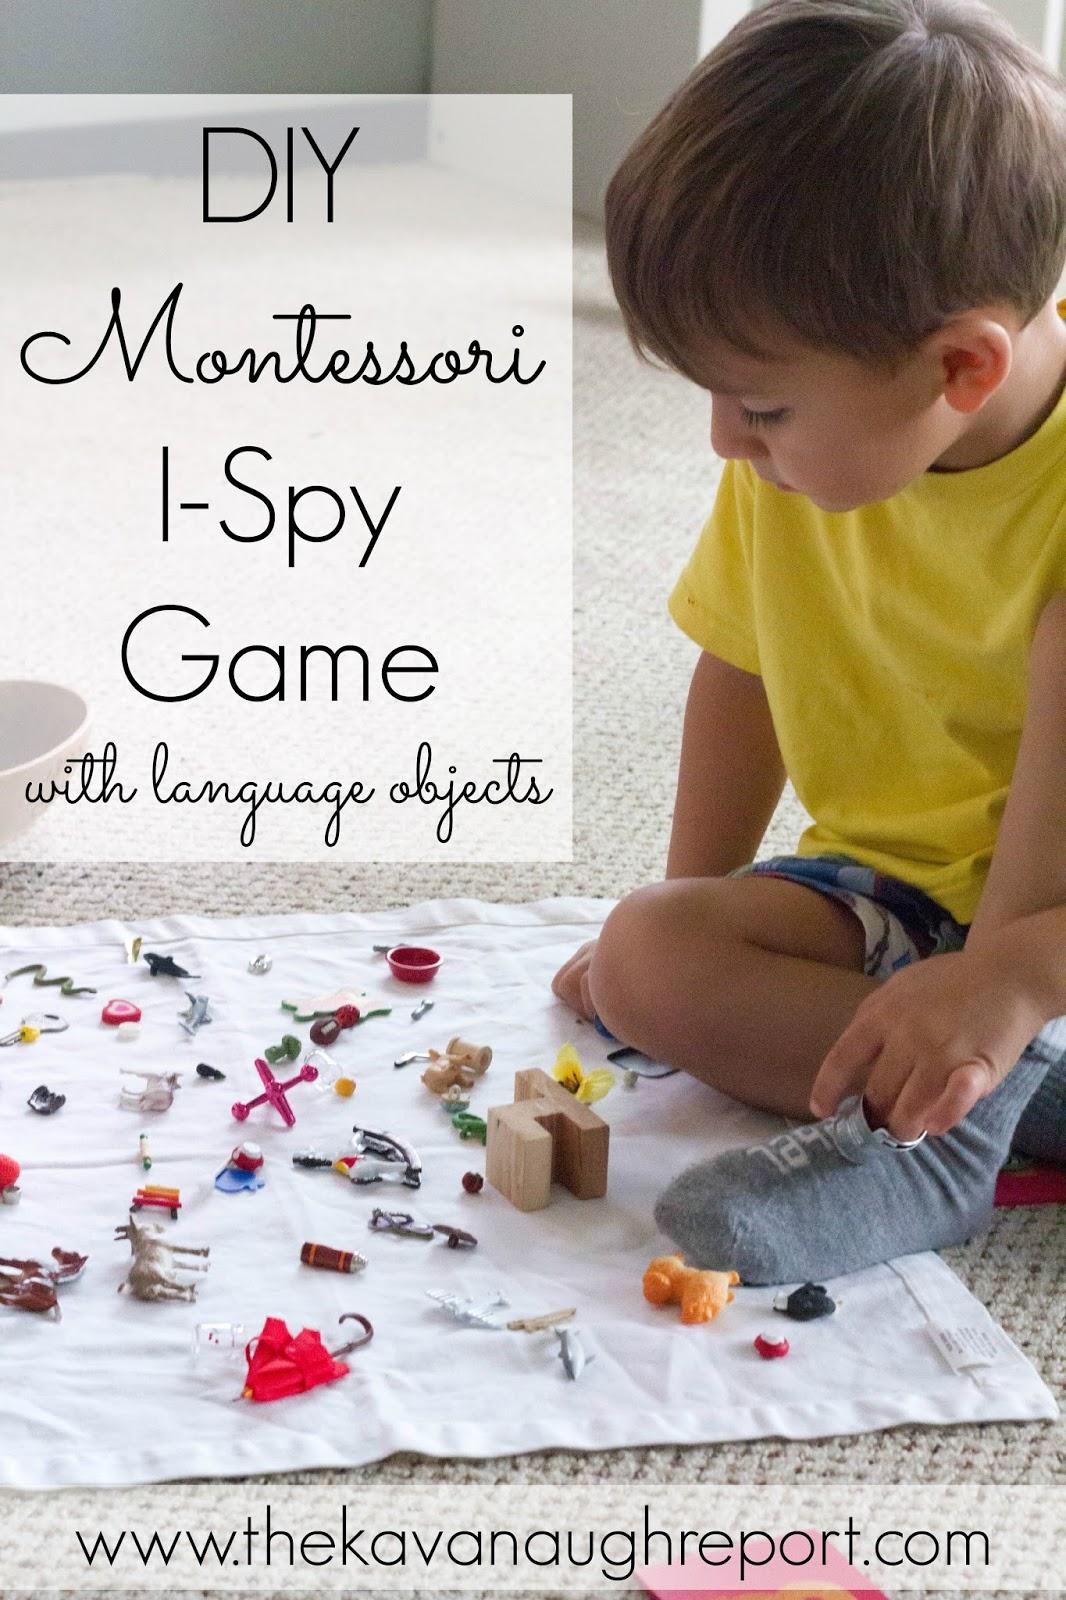 DIY Montessori I-Spy Game